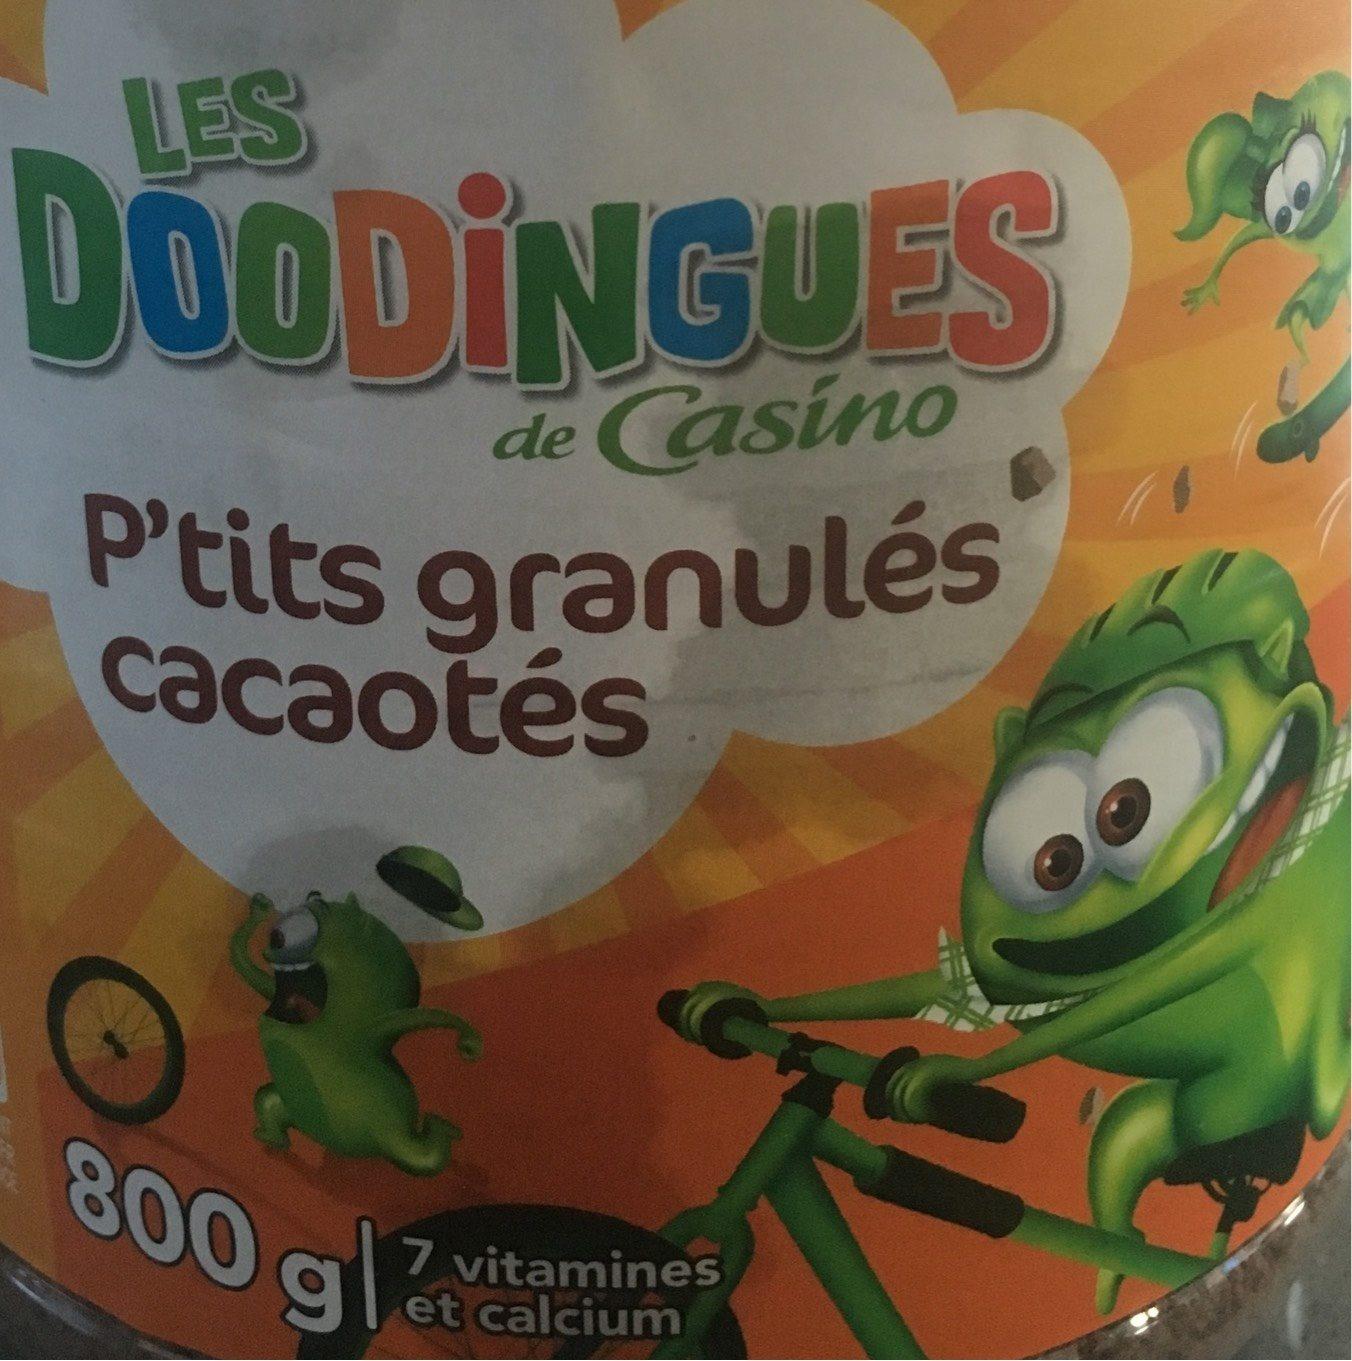 P'tits granulés cacaotés - 7 vitamines et calcium - les doodingues de casino - Product